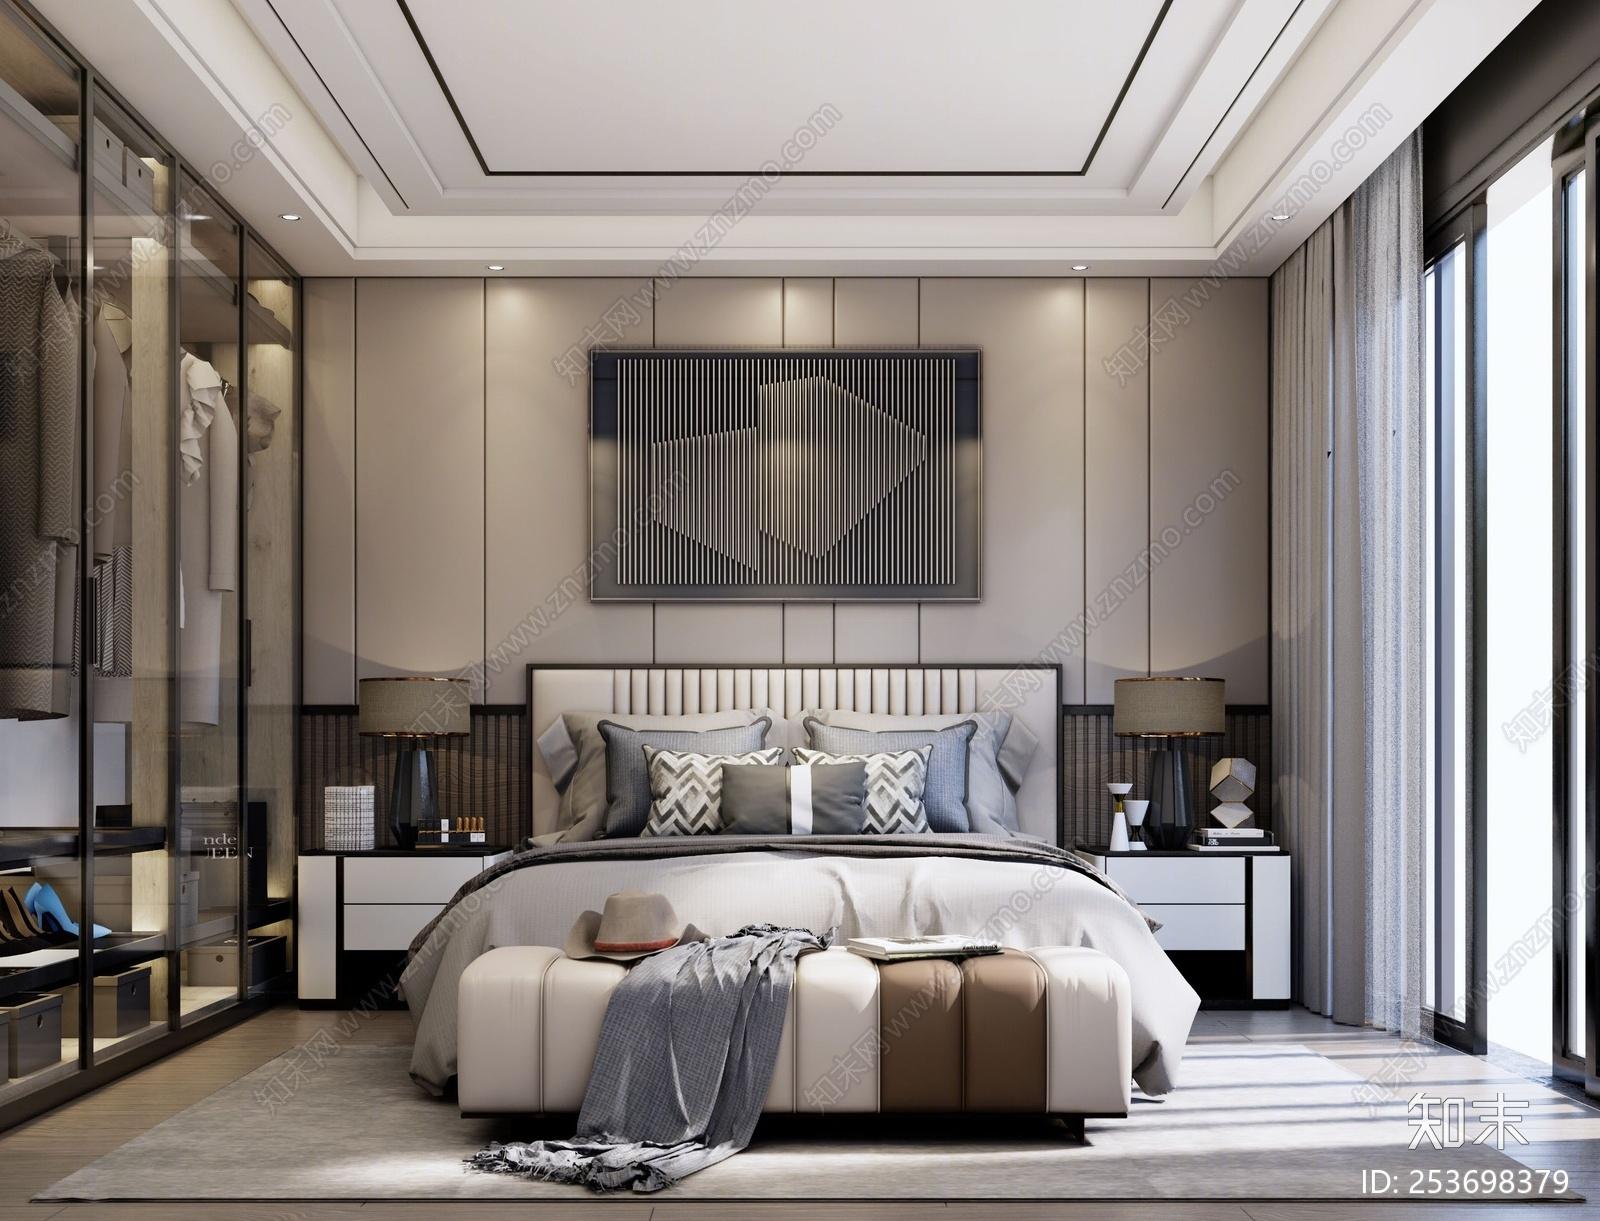 现代风格家居主卧室 衣柜 床组合 床背景墙 台灯 挂画 装饰画 摆件 床尾凳